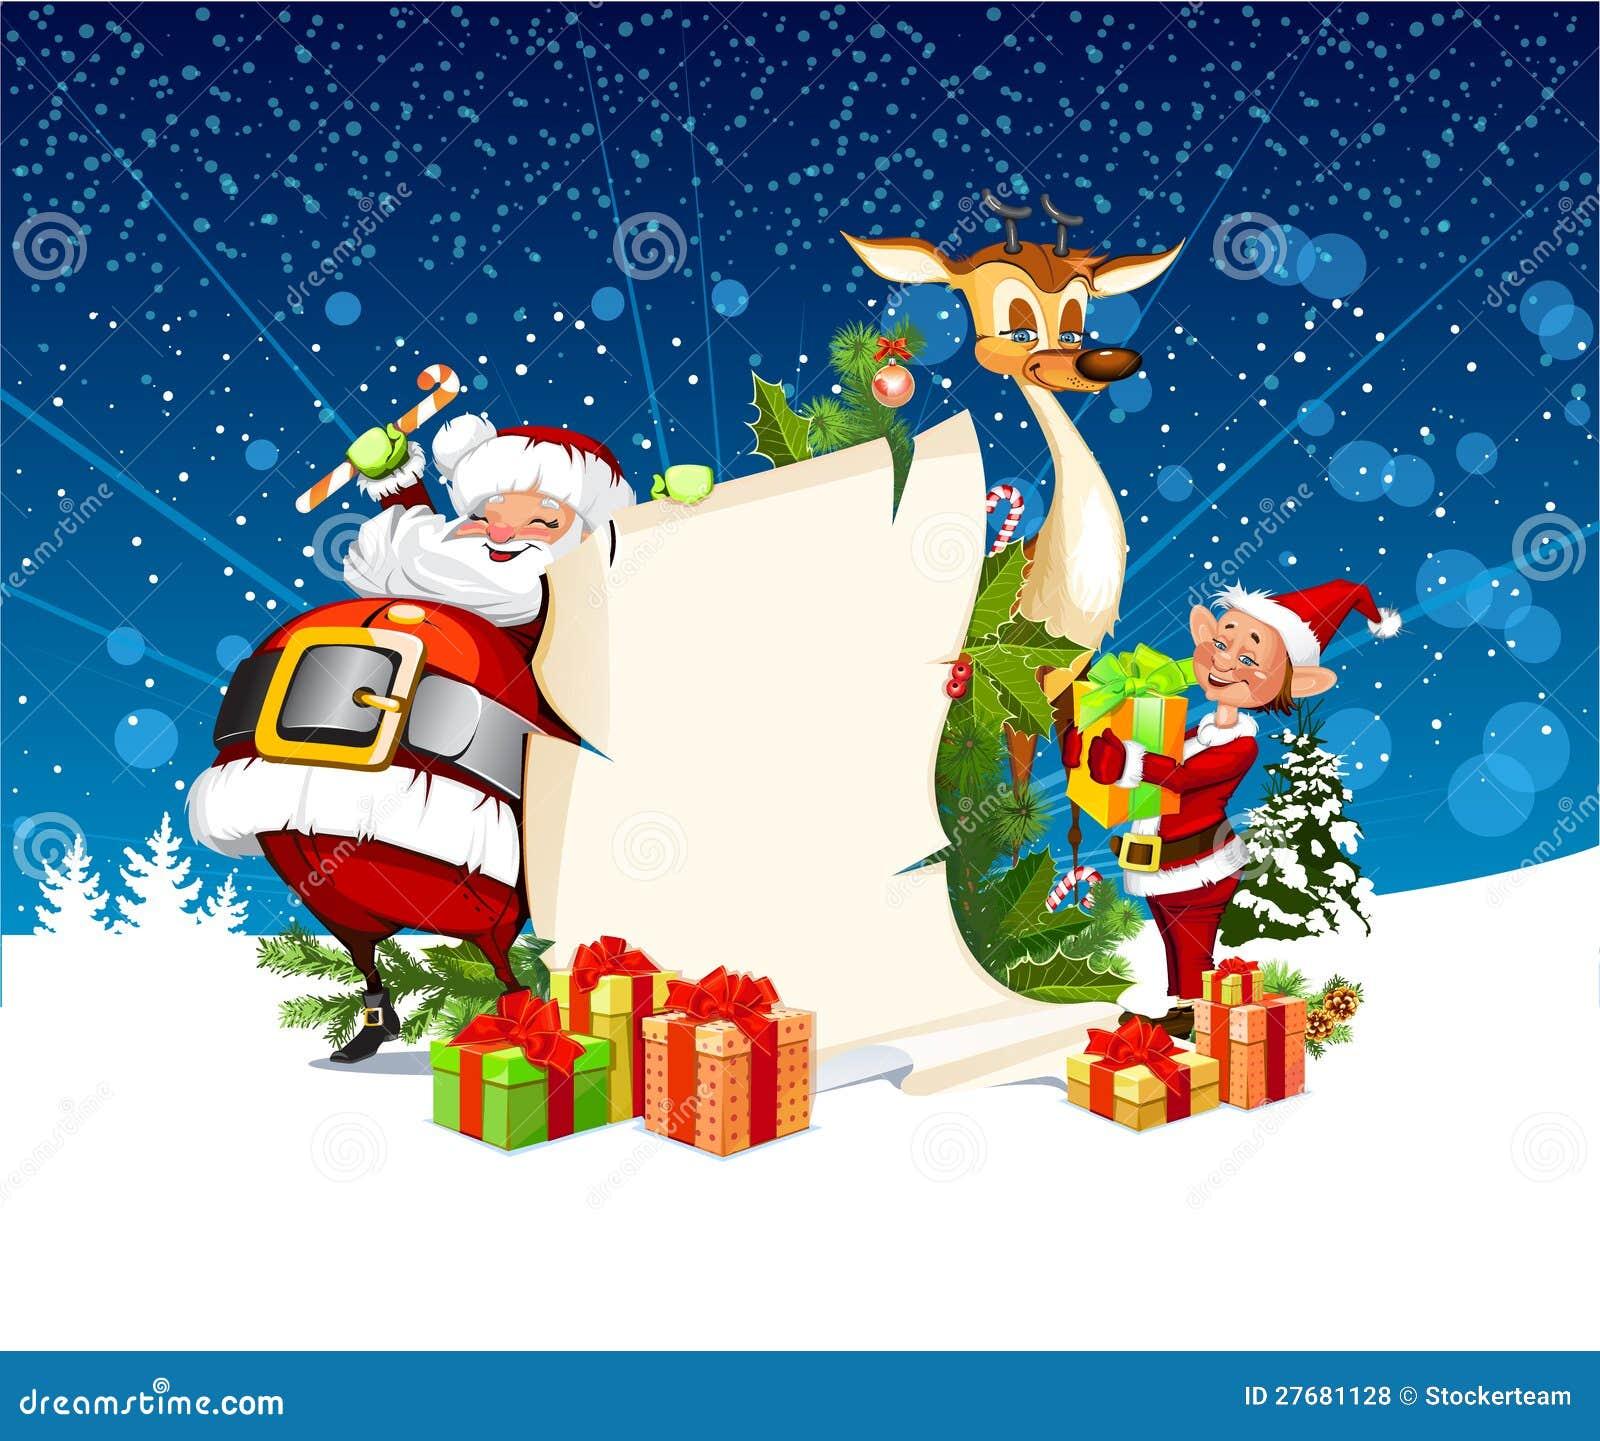 Tarjeta de Navidad con el reno de Papá Noel, duendes